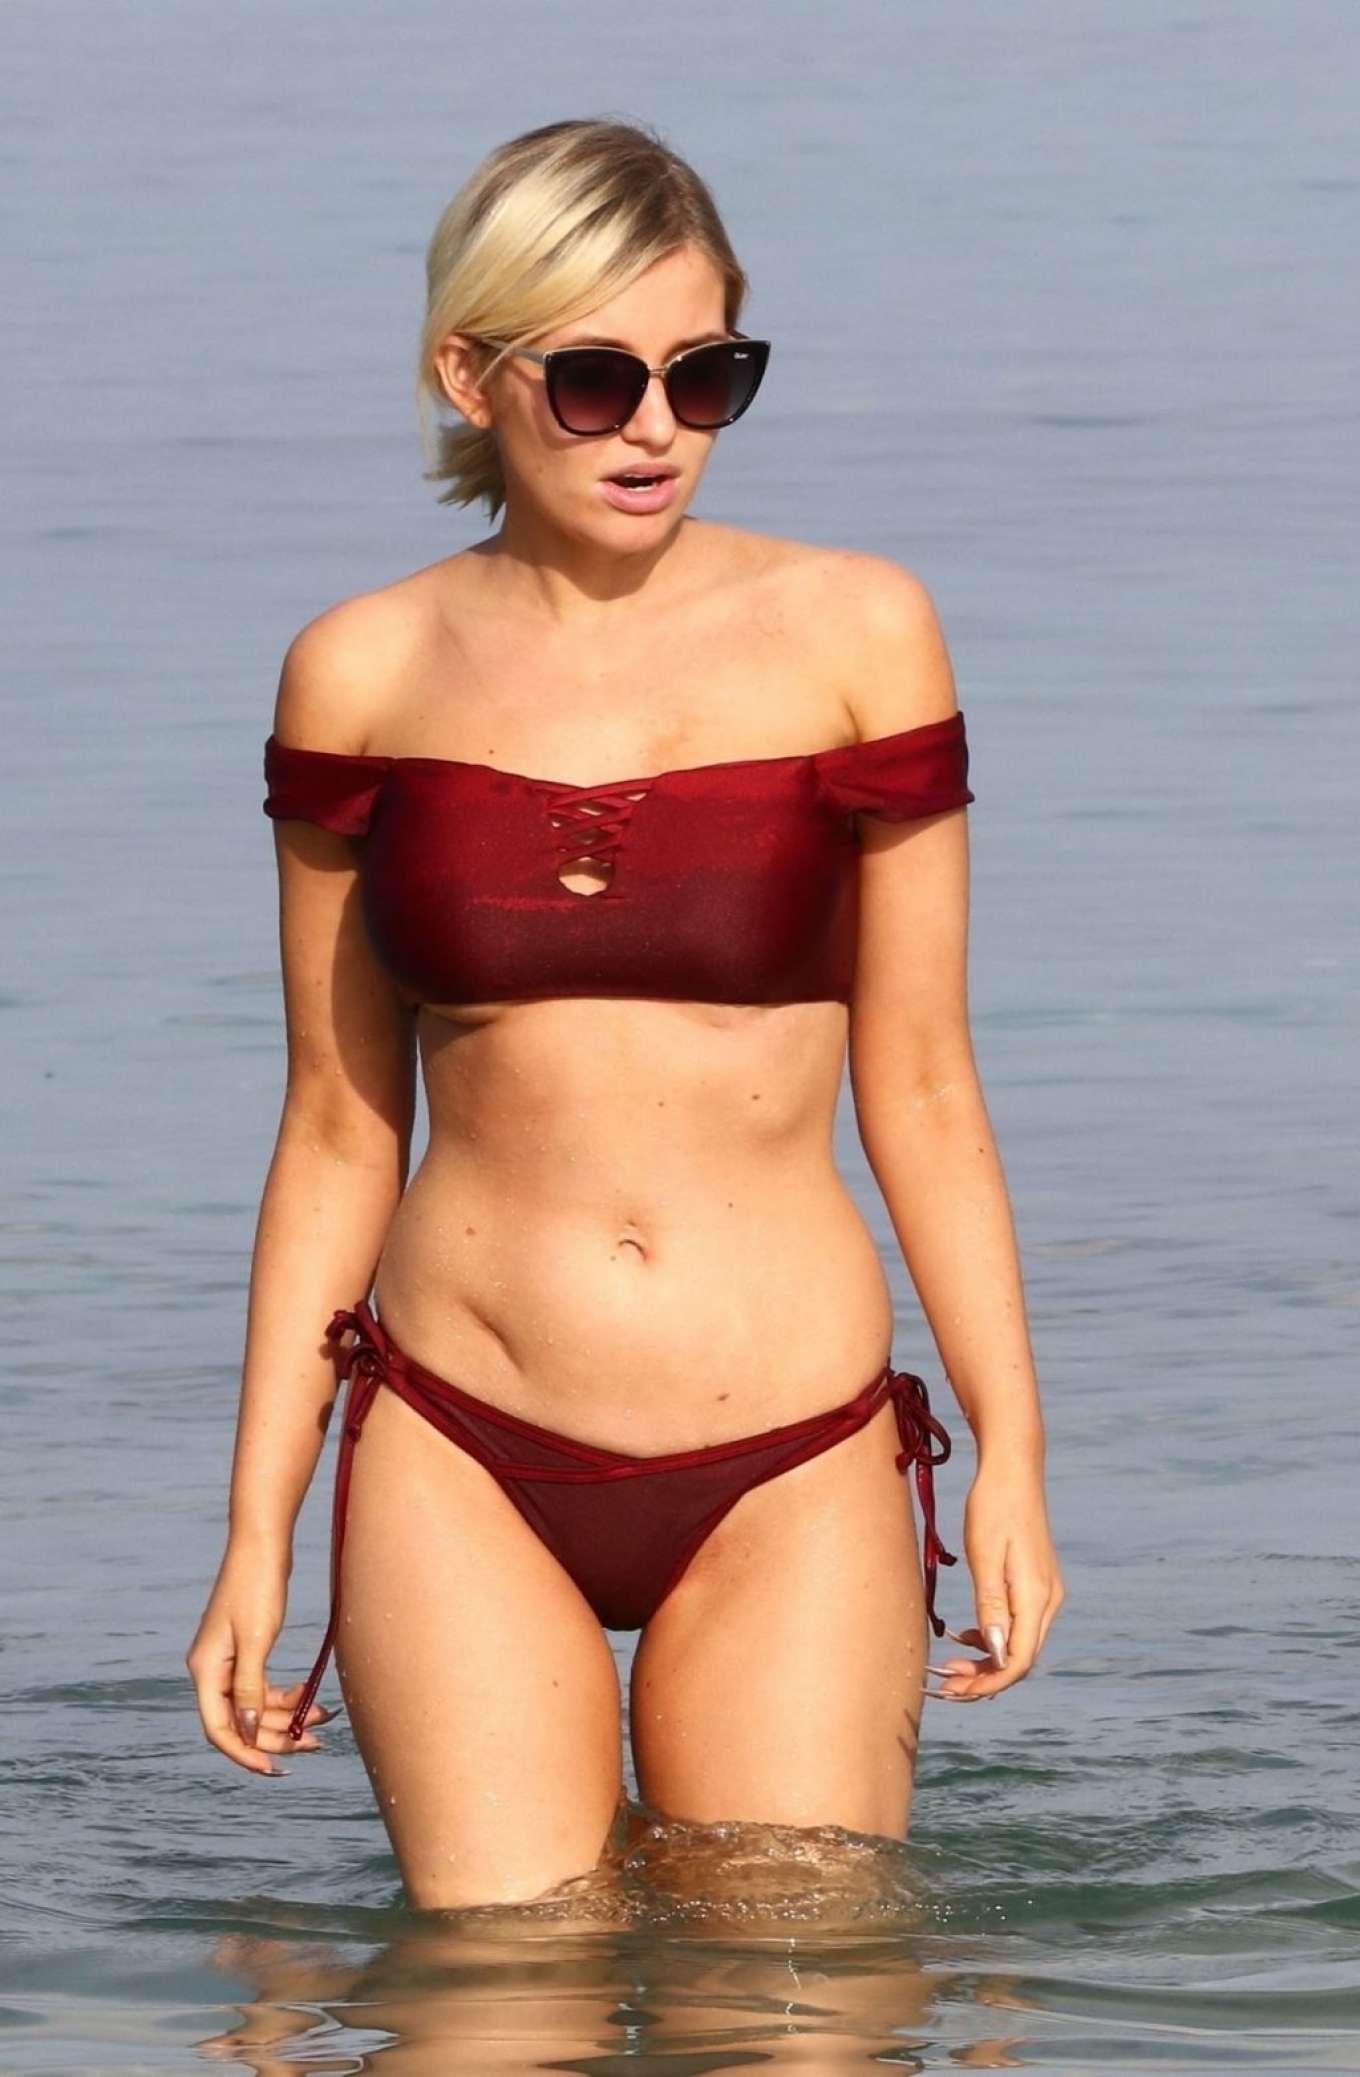 Amy Hart in Red Bikini on the beach in Ibiza